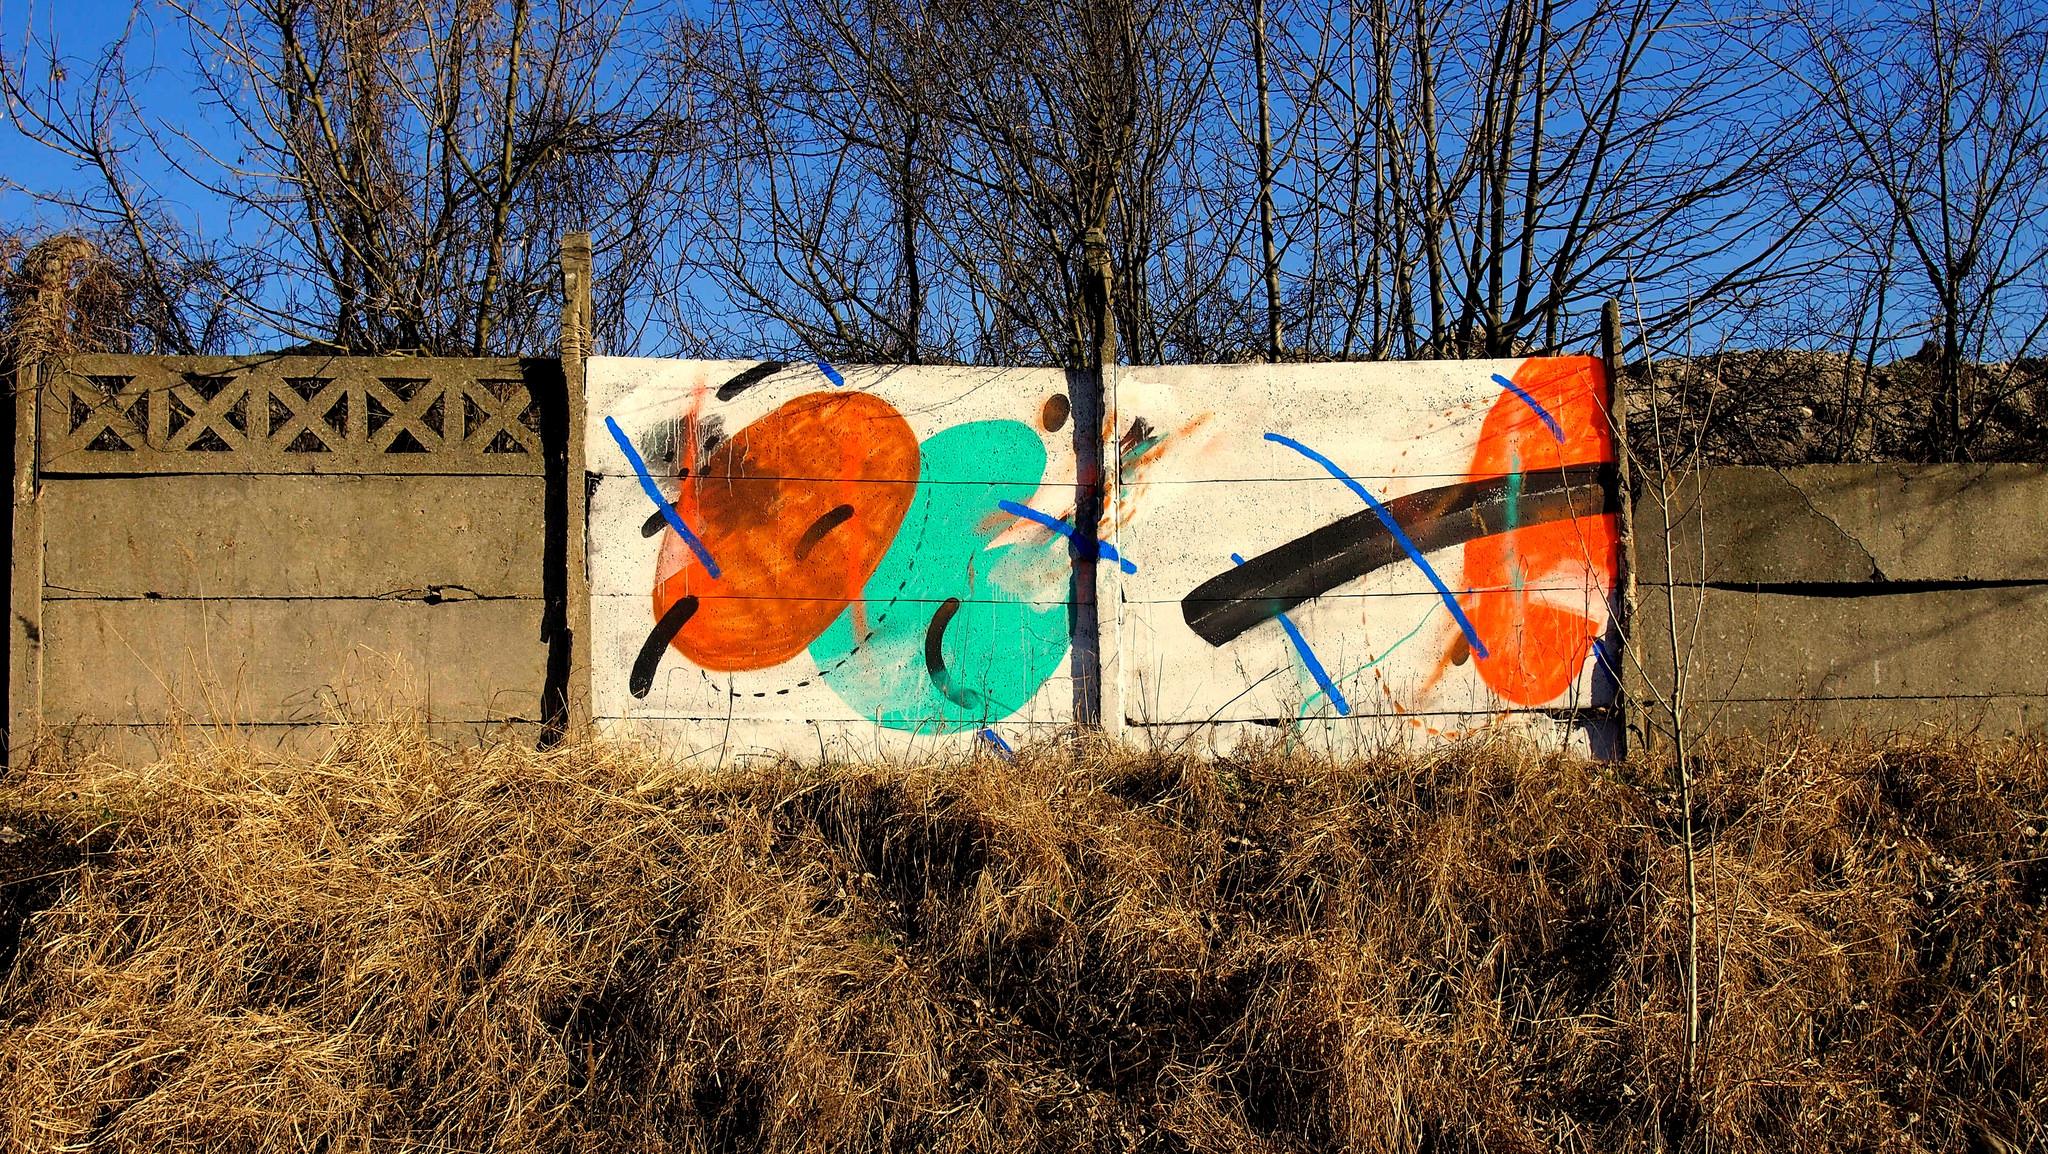 dima-new-piece-in-poznan-poland-01